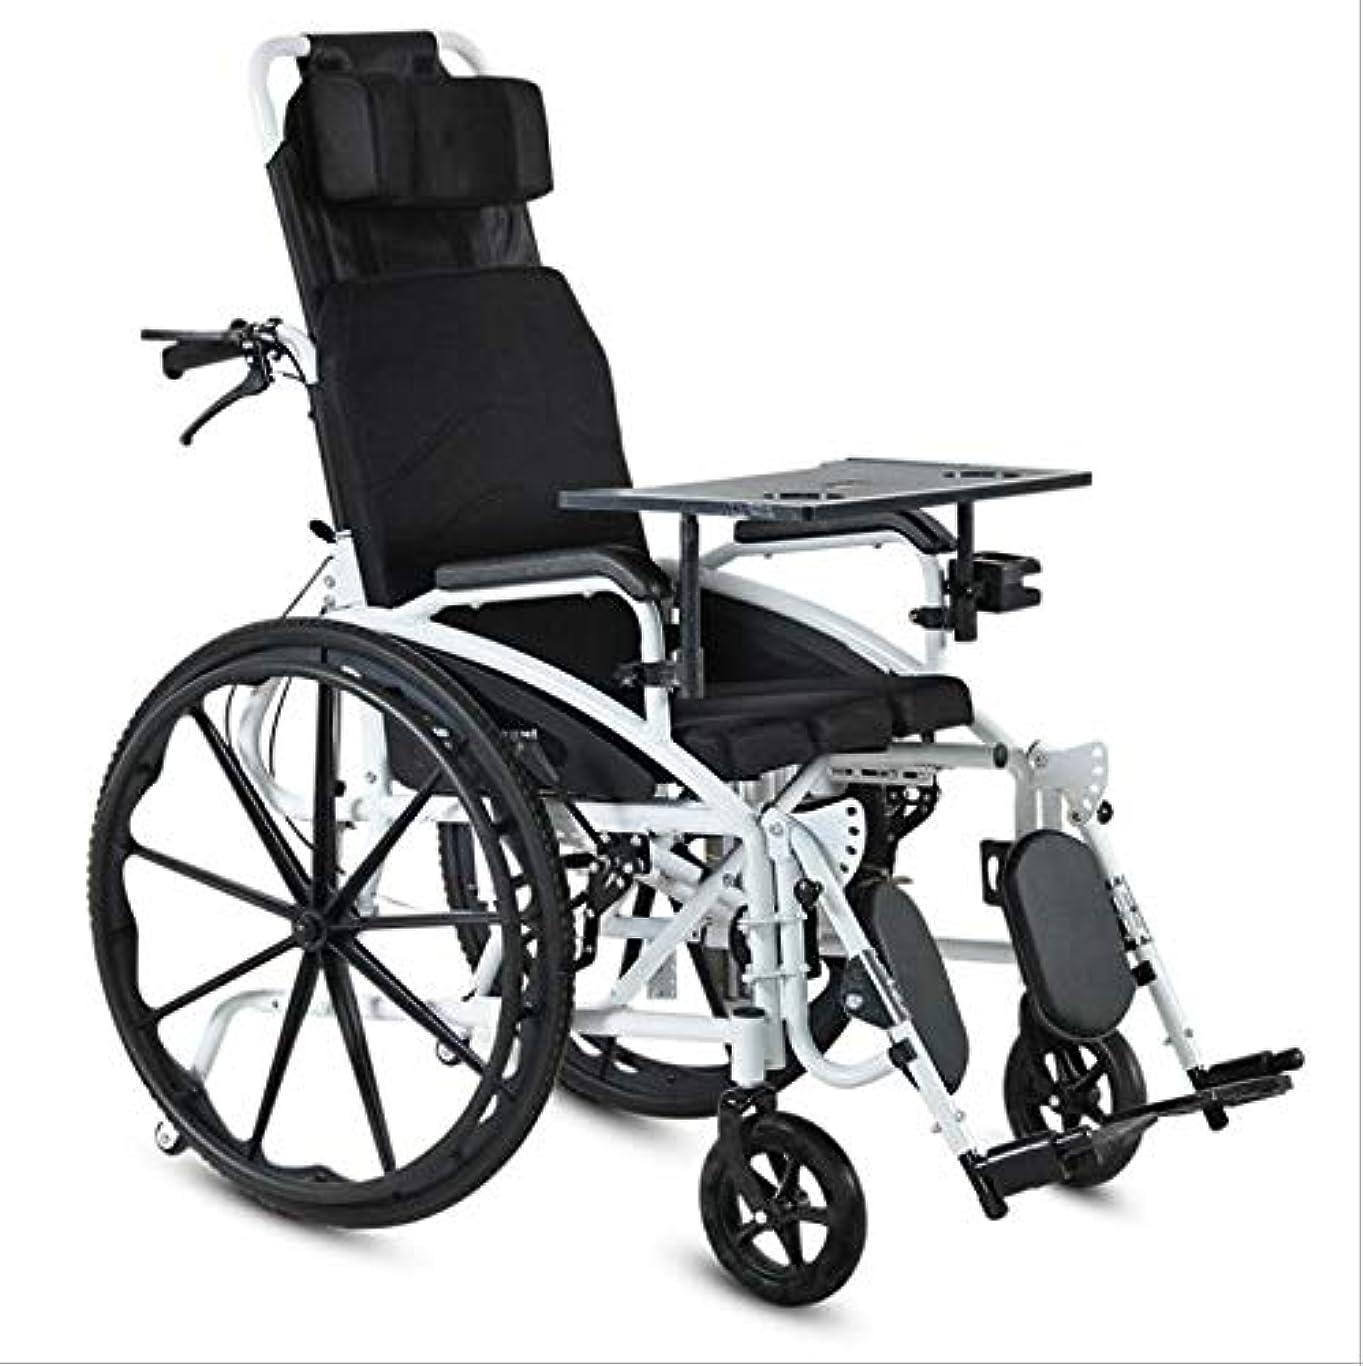 ボタン浸した正規化デラックス車椅子昇降脚休符デスクの長腕休符パッド入りナイロンシート